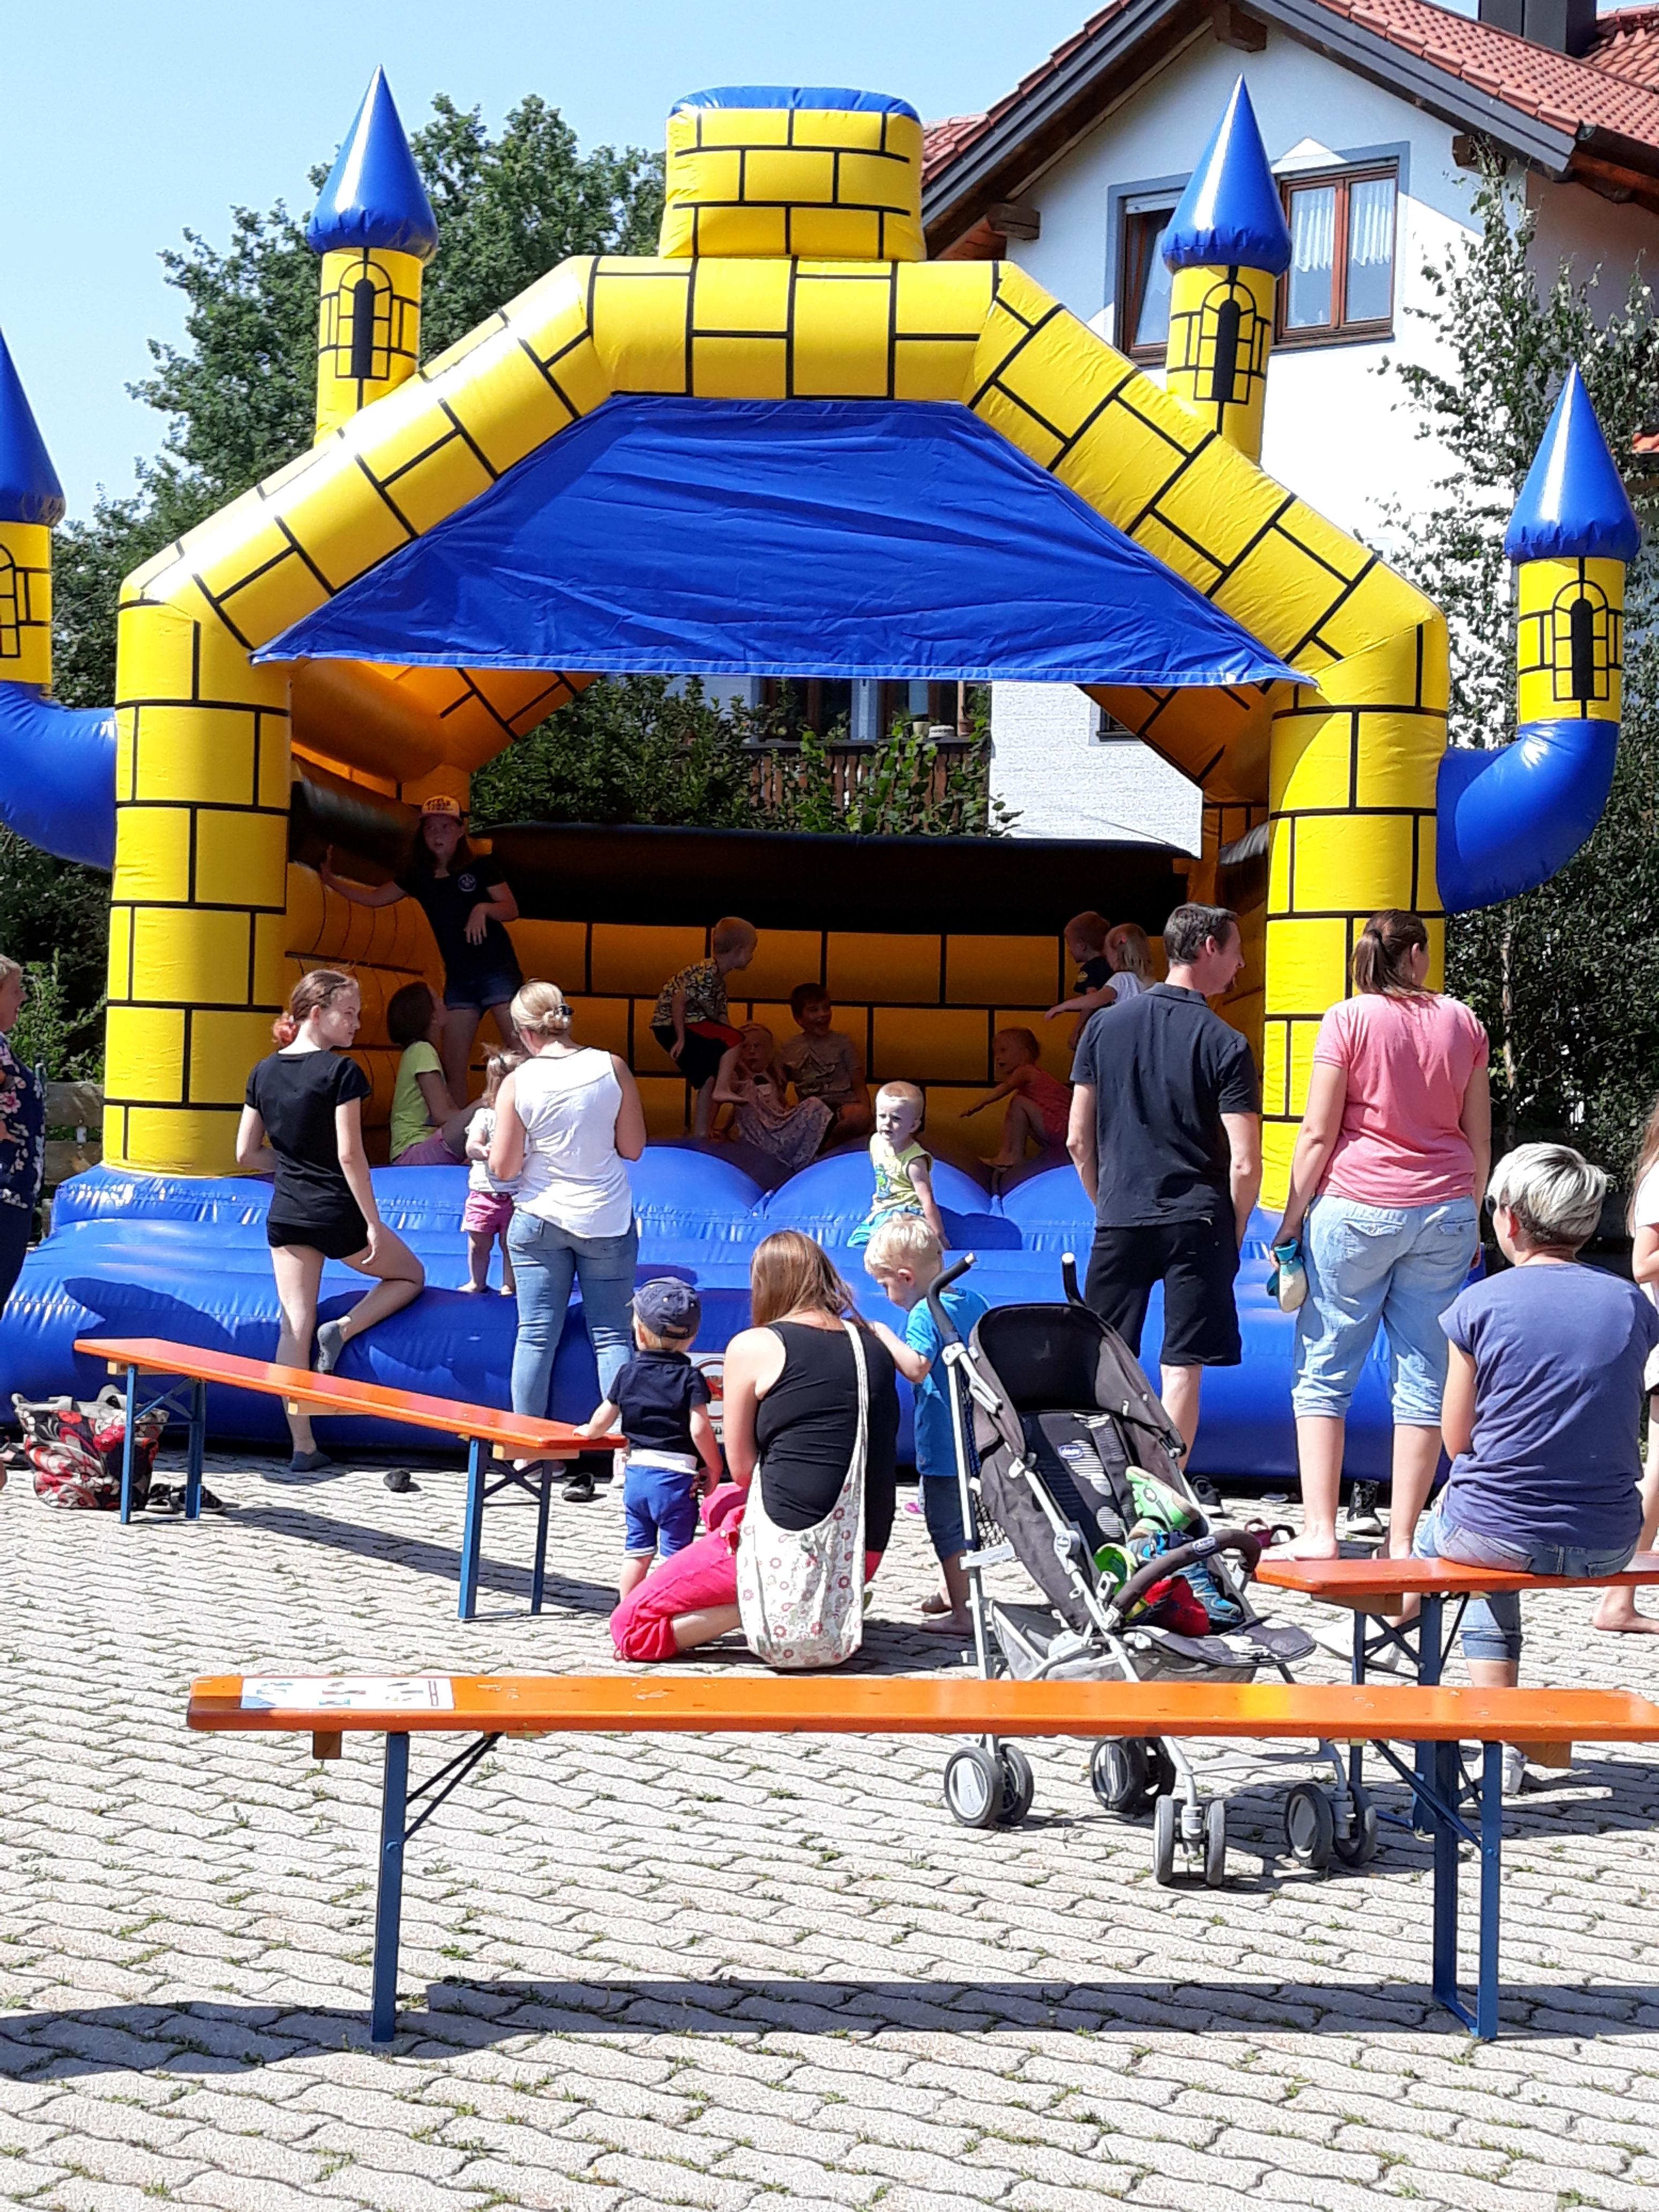 Hüpfburg wurde gerne auf dem Feuerwehrfest Isen von den kleinen Besuchern genutzt